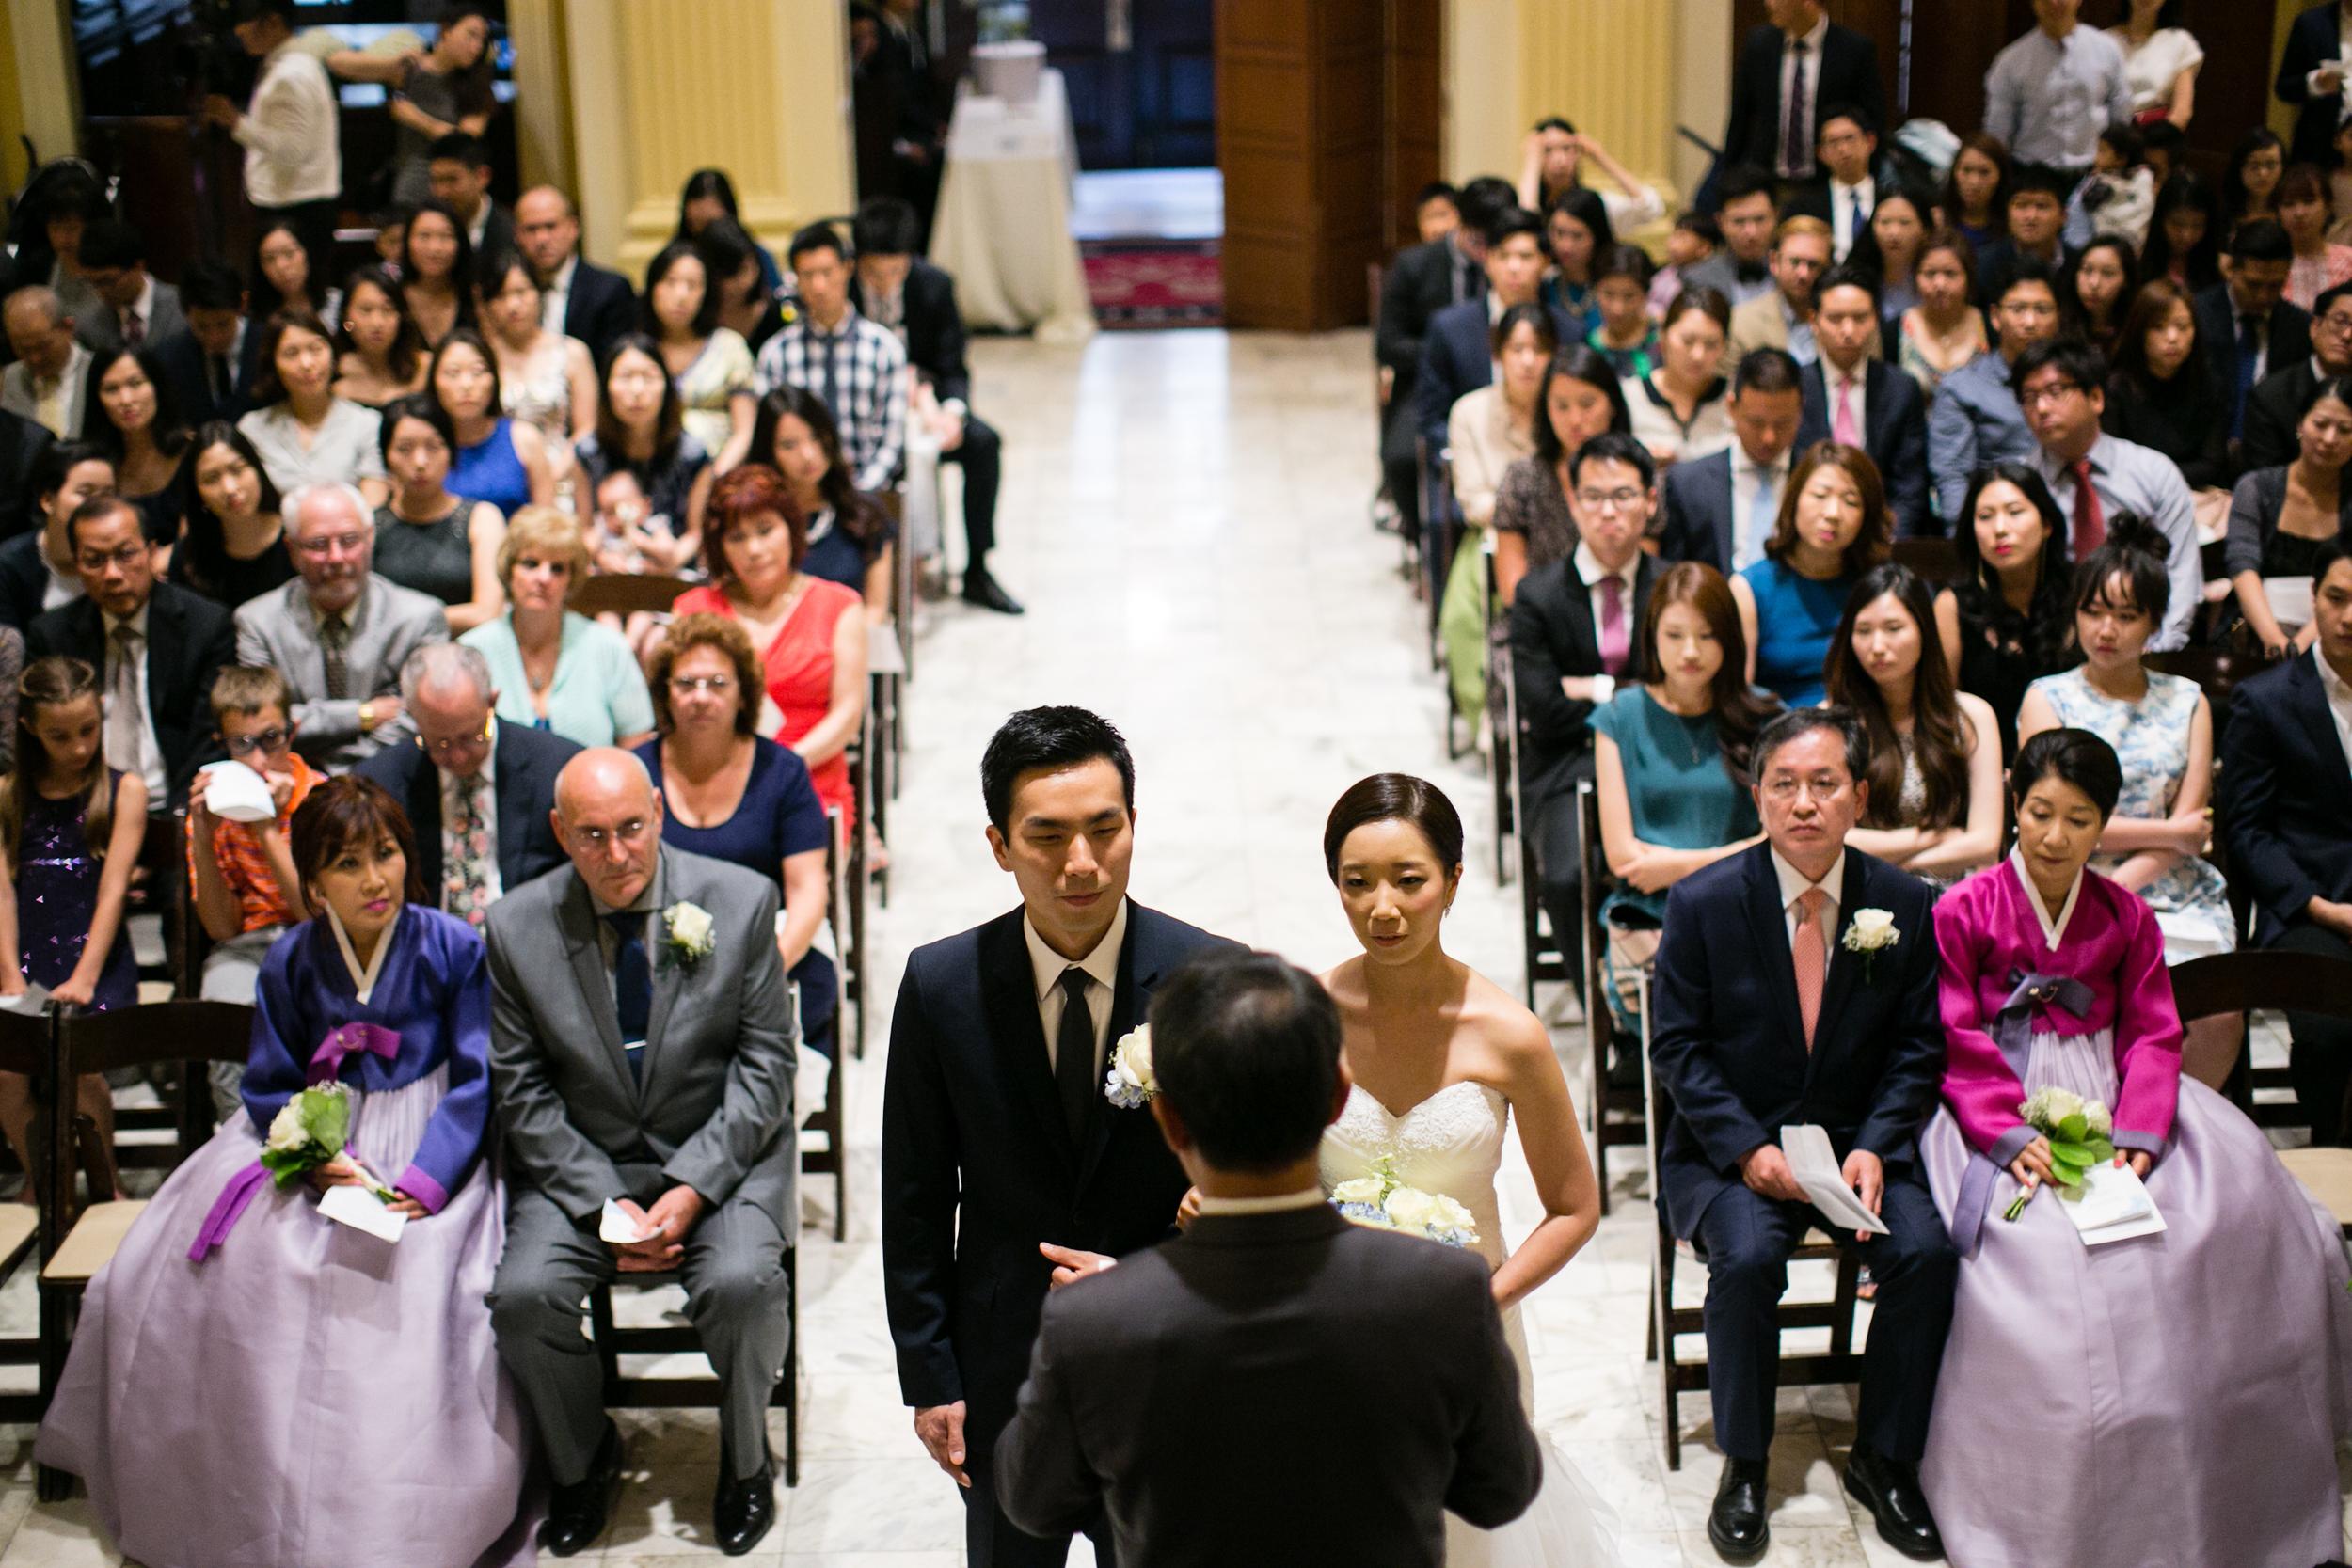 Racquet Club wedding by Peach Plum Pear Photo_034.jpg